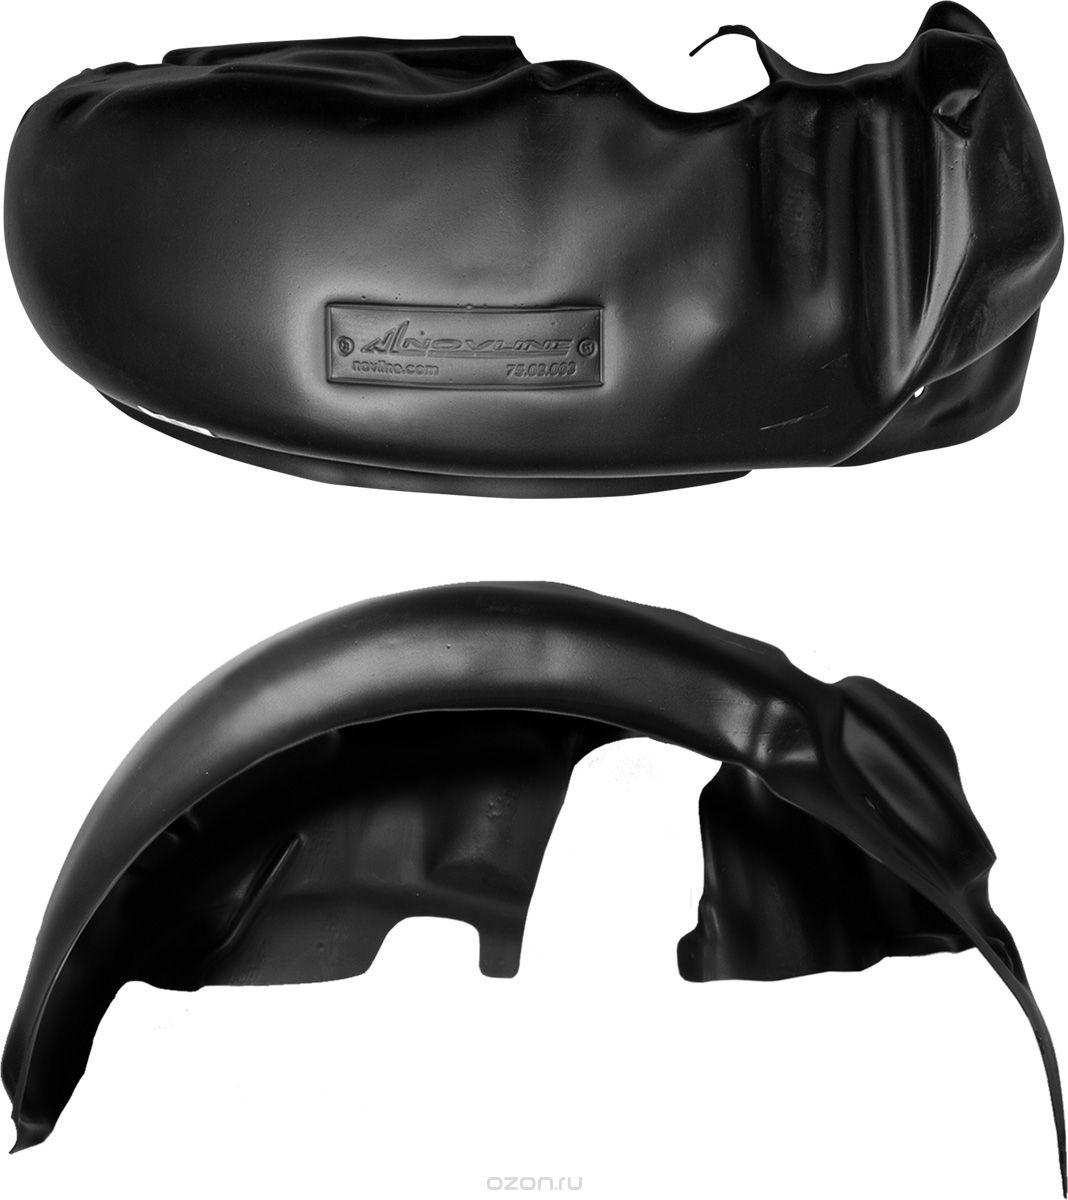 Подкрылок Novline-Autofamily, для Kia Rio III, 2010-2011, задний правыйNLL.25.31.004Идеальная защита колесной ниши. Локеры разработаны с применением цифровых технологий, гарантируют максимальную повторяемость поверхности арки. Изделия устанавливаются без нарушения лакокрасочного покрытия автомобиля, каждый подкрылок комплектуется крепежом. Уважаемые клиенты, обращаем ваше внимание, что фотографии на подкрылки универсальные и не отражают реальную форму изделия. При этом само изделие идет точно под размер указанного автомобиля.